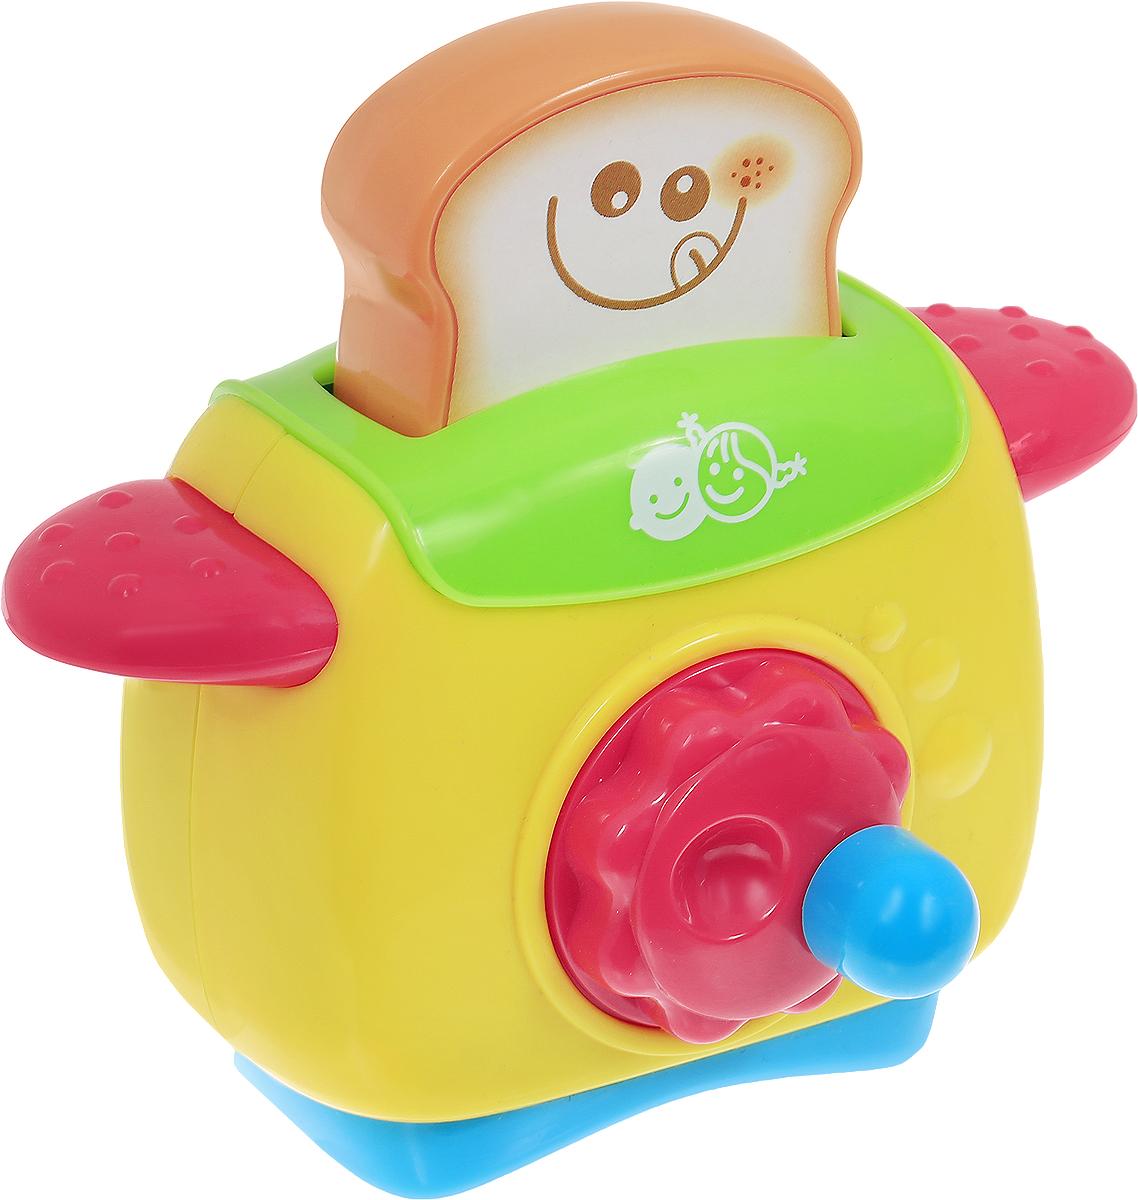 Playgo Развивающая игрушка Мой первый тостер игрушка электронная развивающая мой первый ноутбук